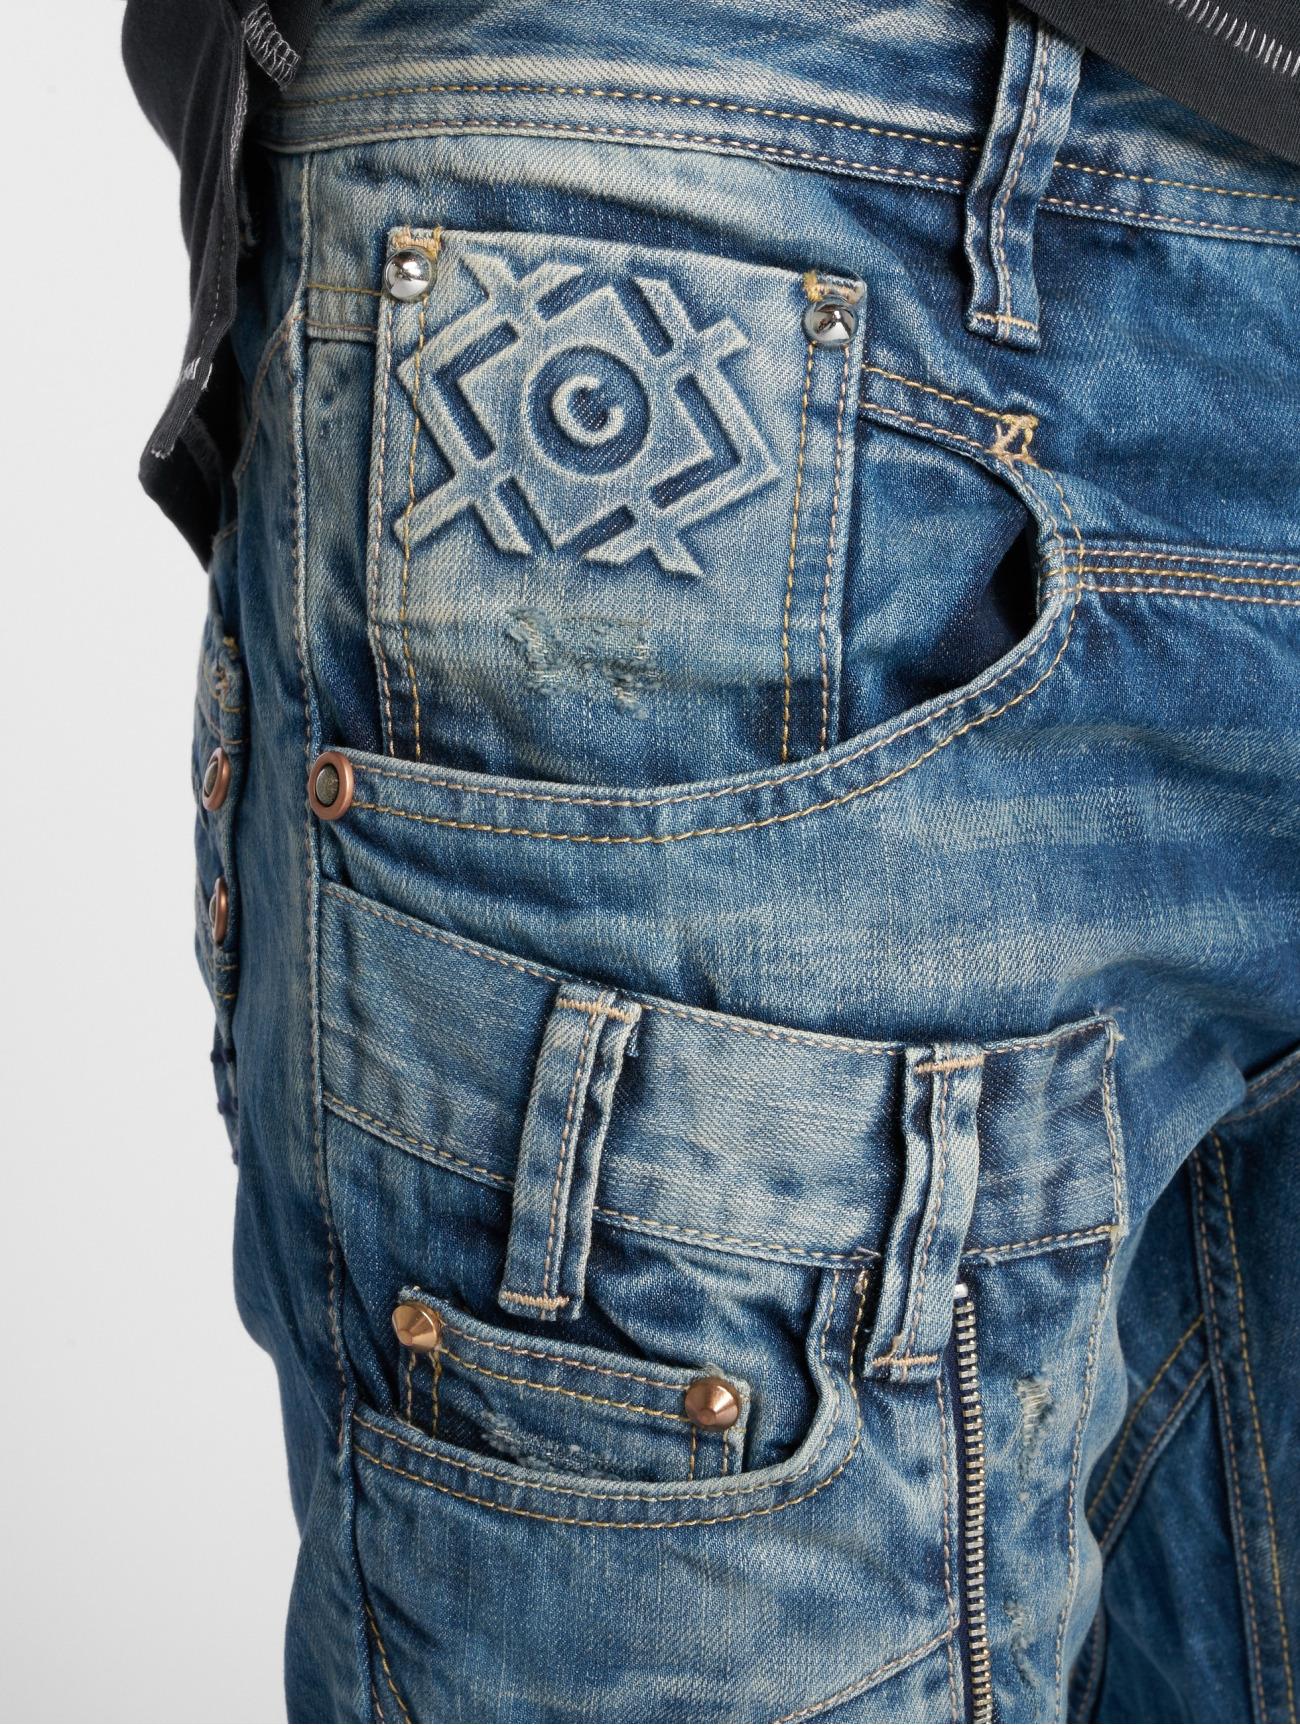 Cipo & Baxx  Alpha  bleu Homme Jean coupe droite  129327 Homme Jeans